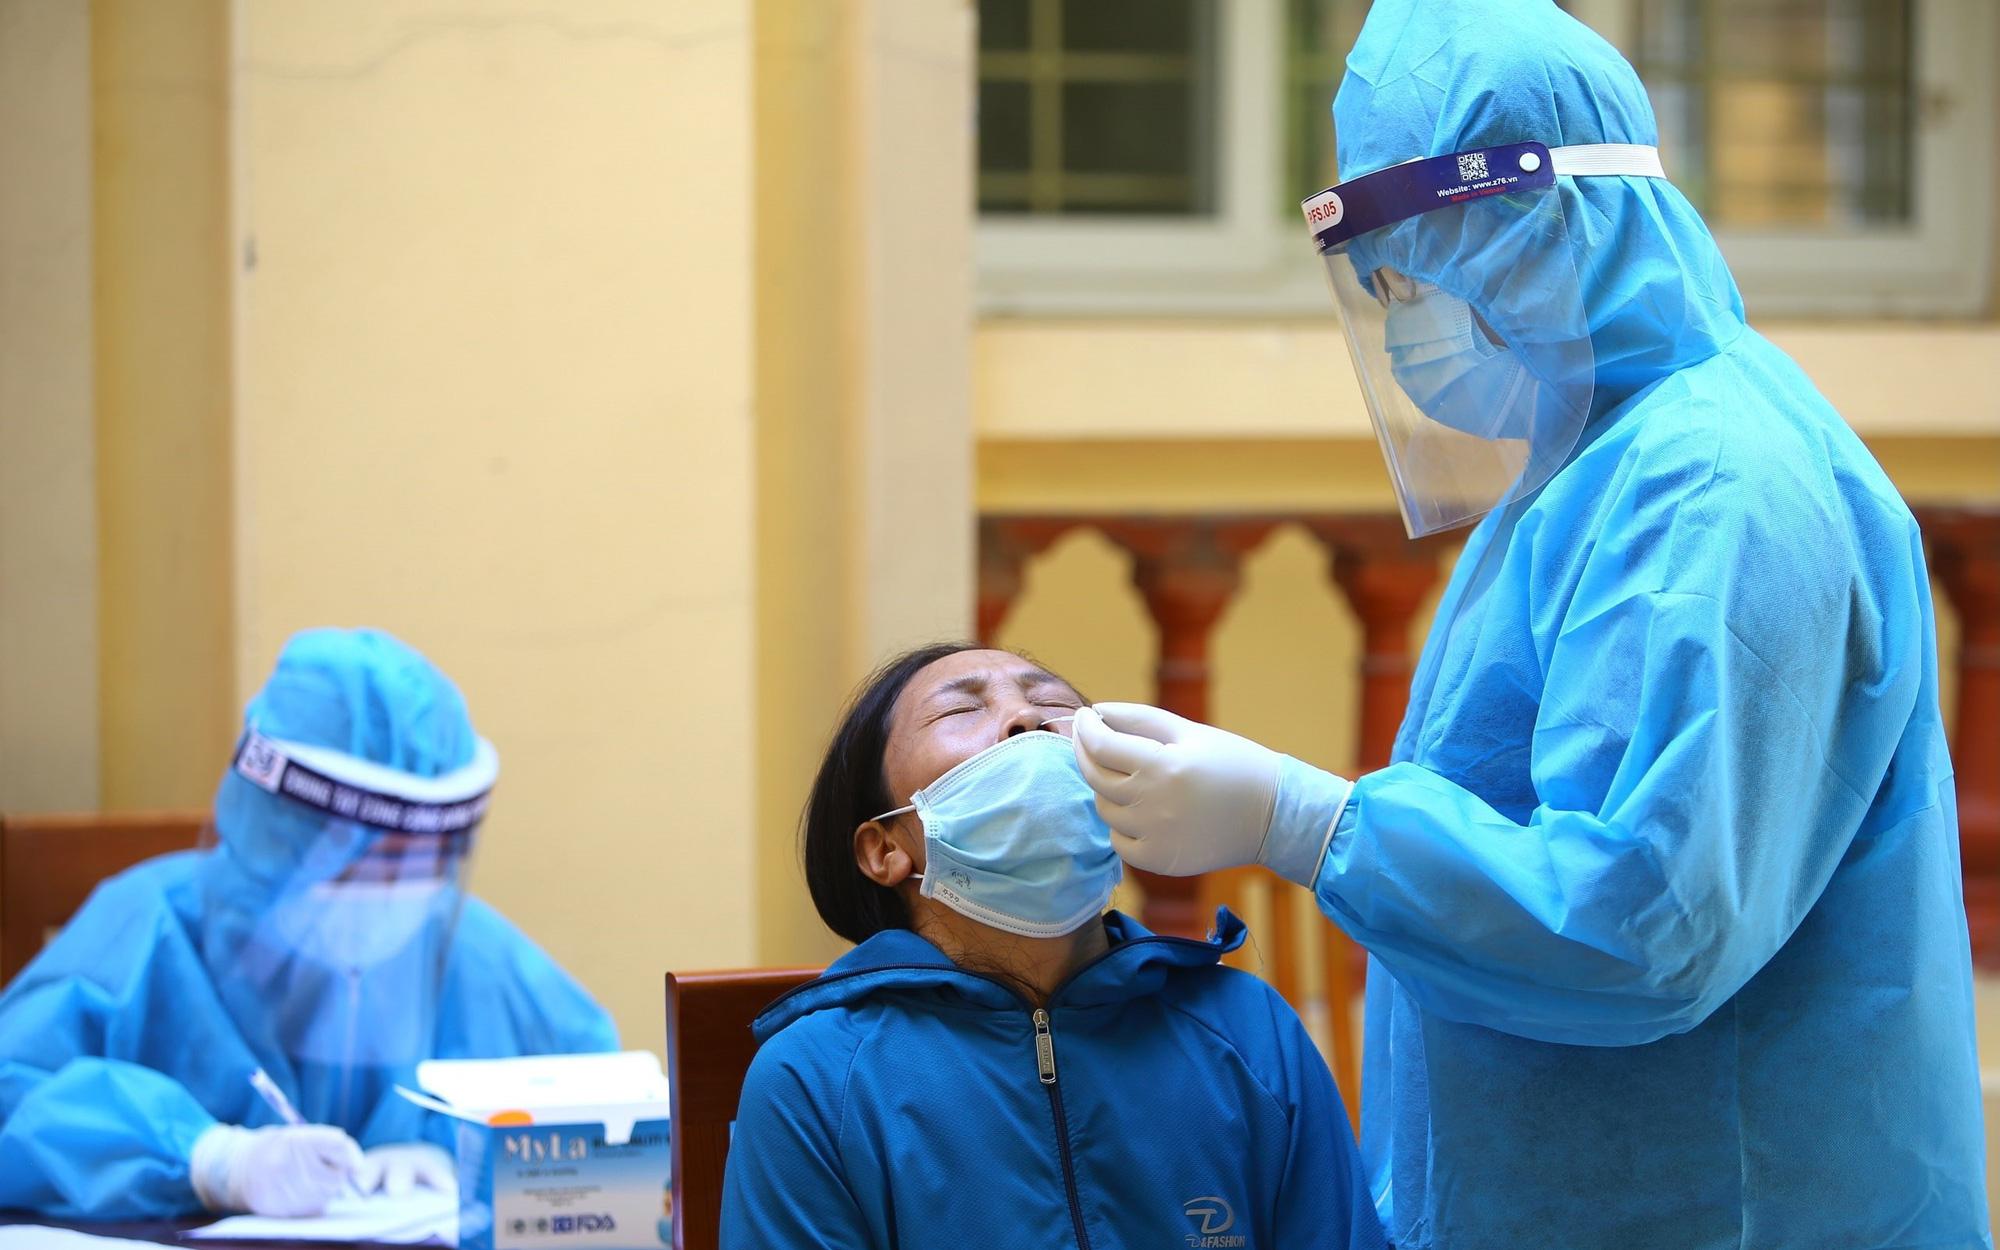 Người bệnh không phải chi trả xét nghiệm COVID-19 khi đến khám và điều trị tại cơ sở y tế công lập